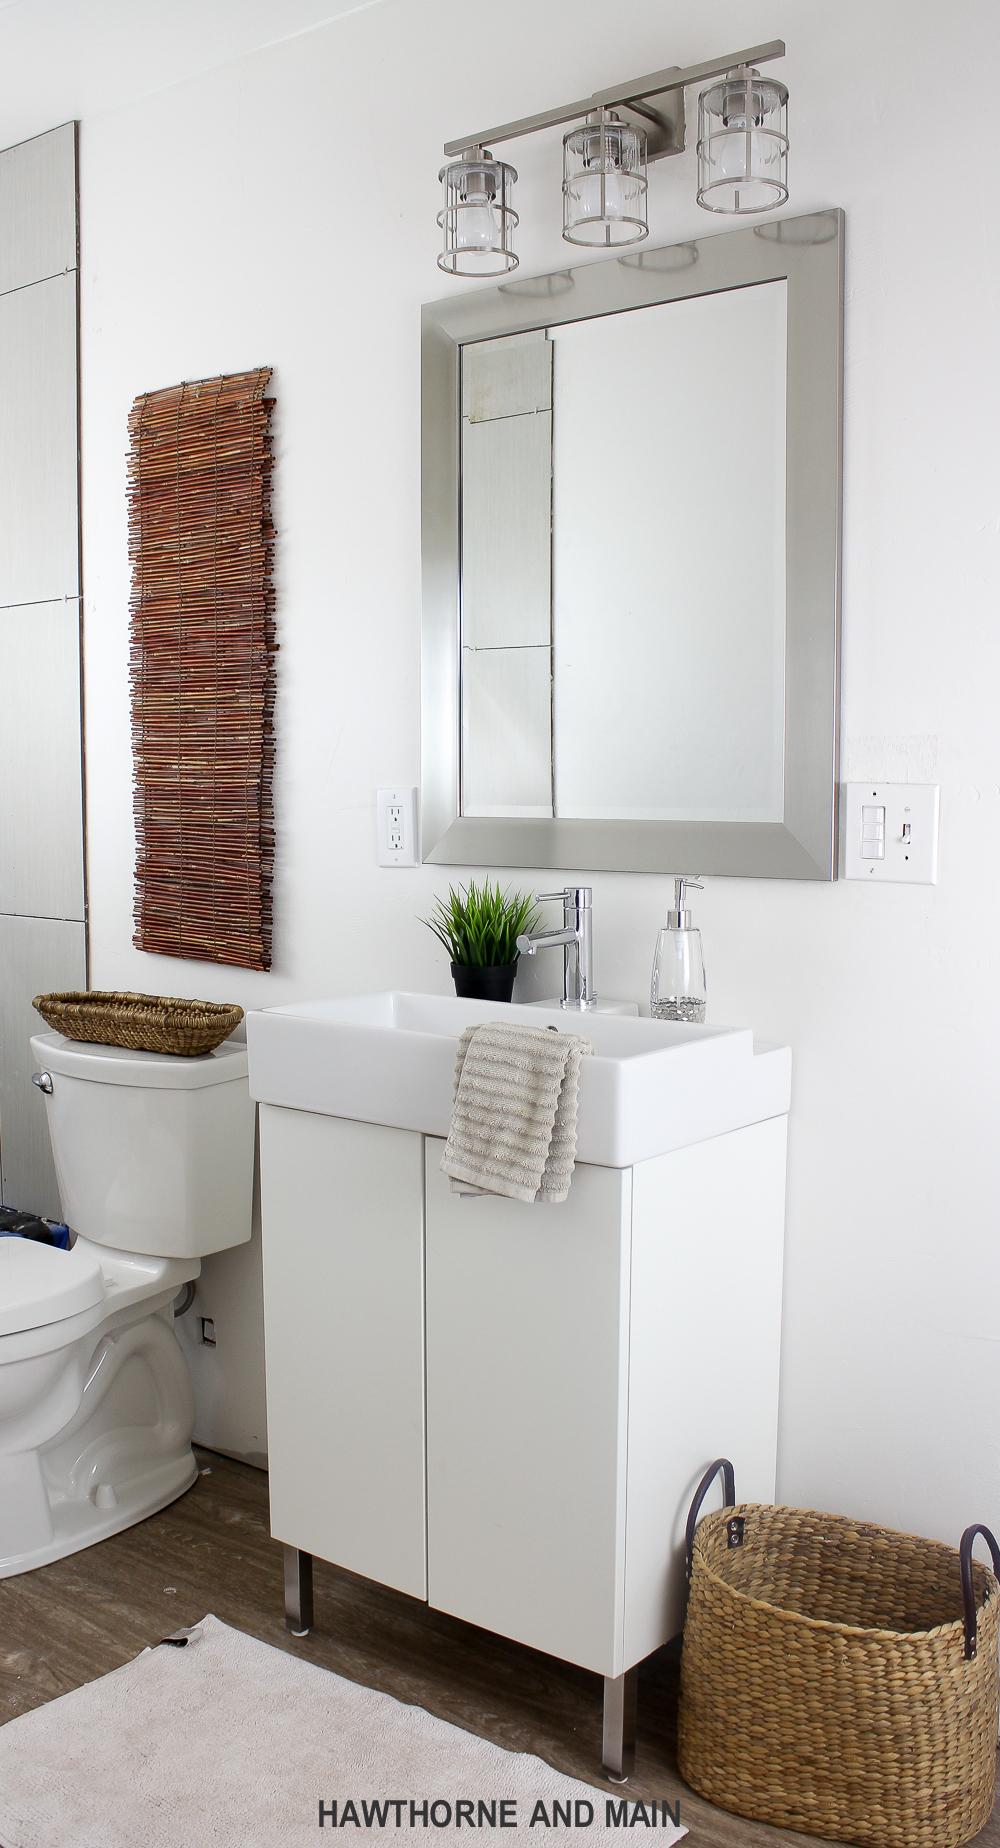 THE SUITE PECAN- Bathroom Sneak Peek – HAWTHORNE AND MAIN